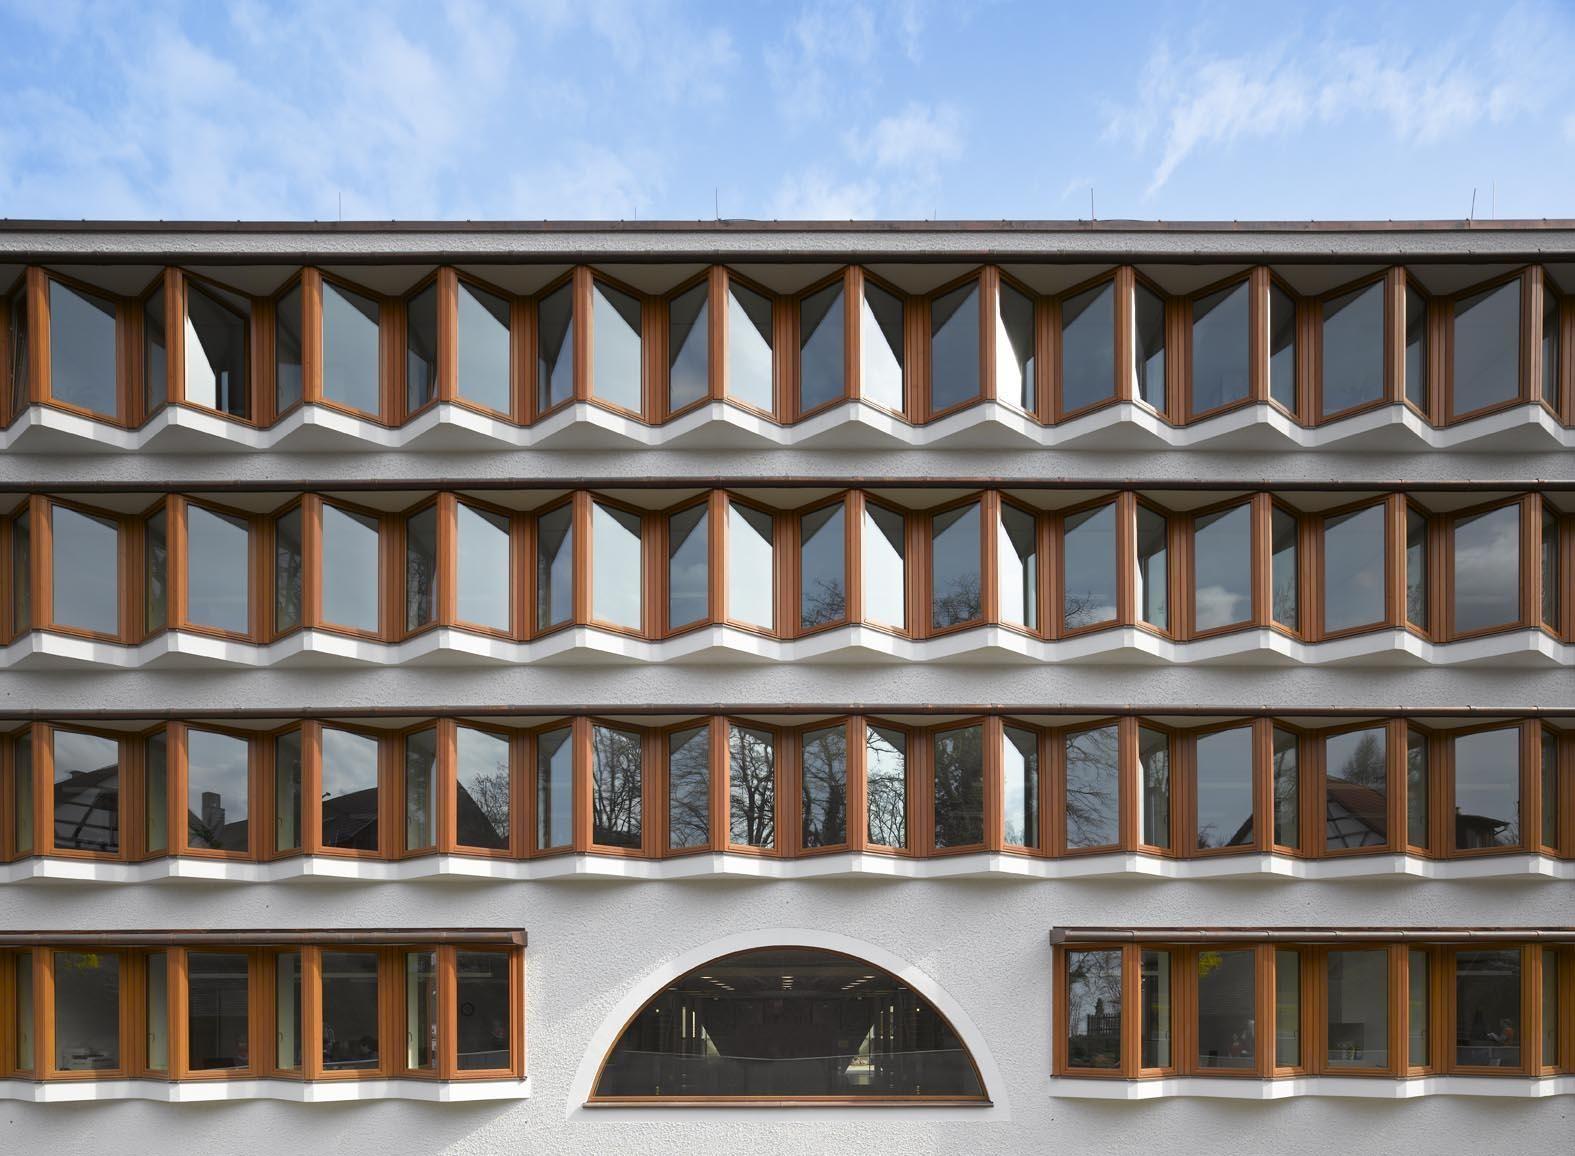 Stuttgarter Architekten lederer ragnarsdóttir oei stuttgart architekten baunetz